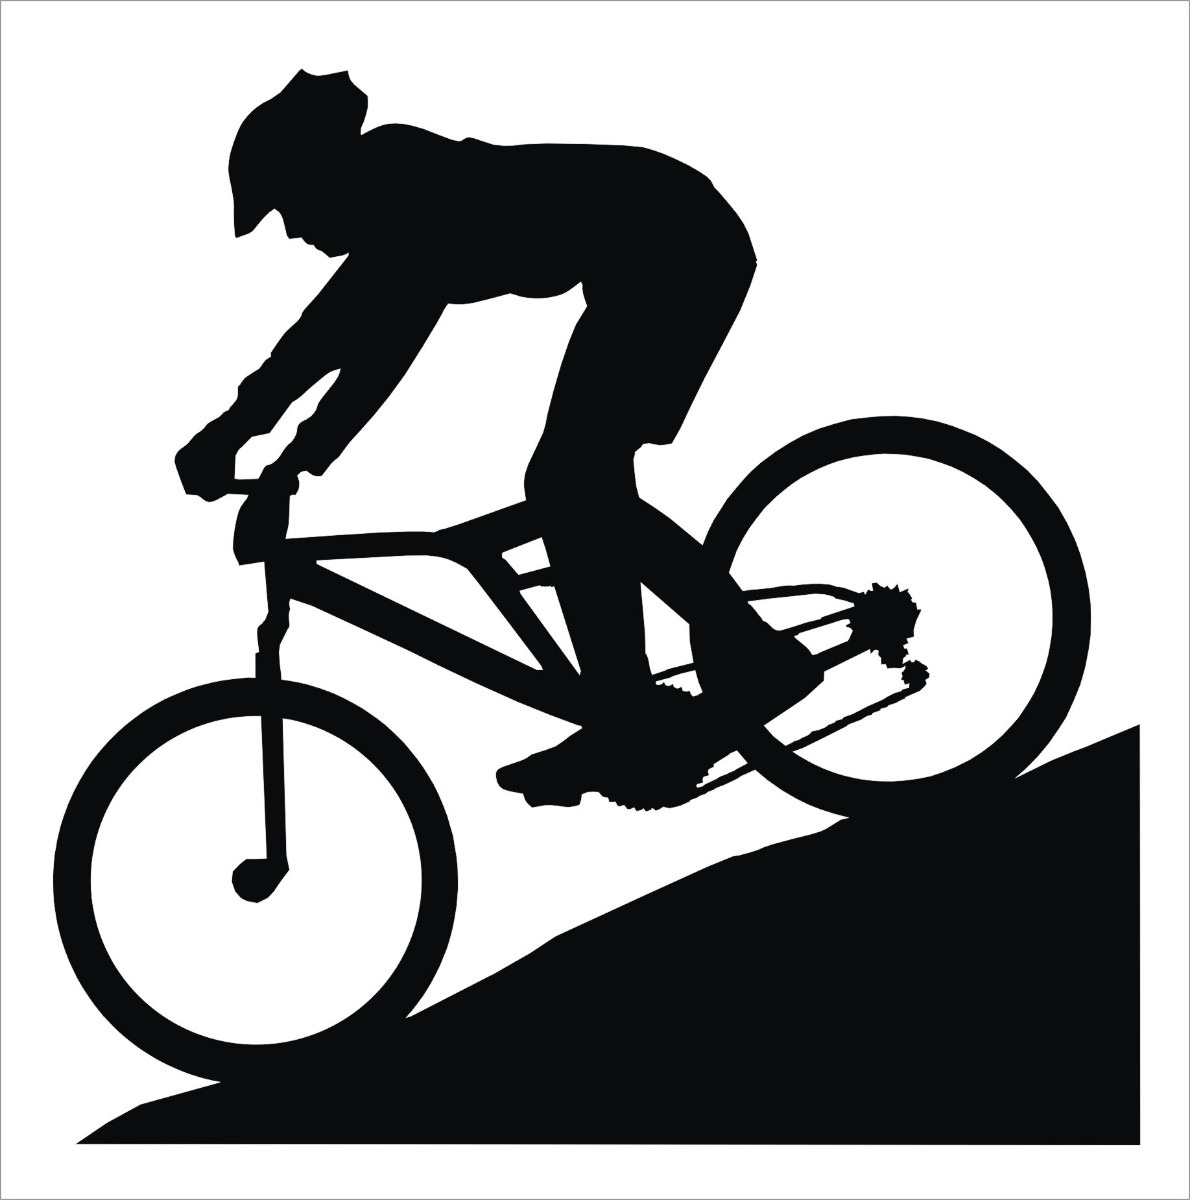 Aparador Area ~ Adesivo Mountain Bike Downhill Shimano R$ 7,00 em Mercado Livre